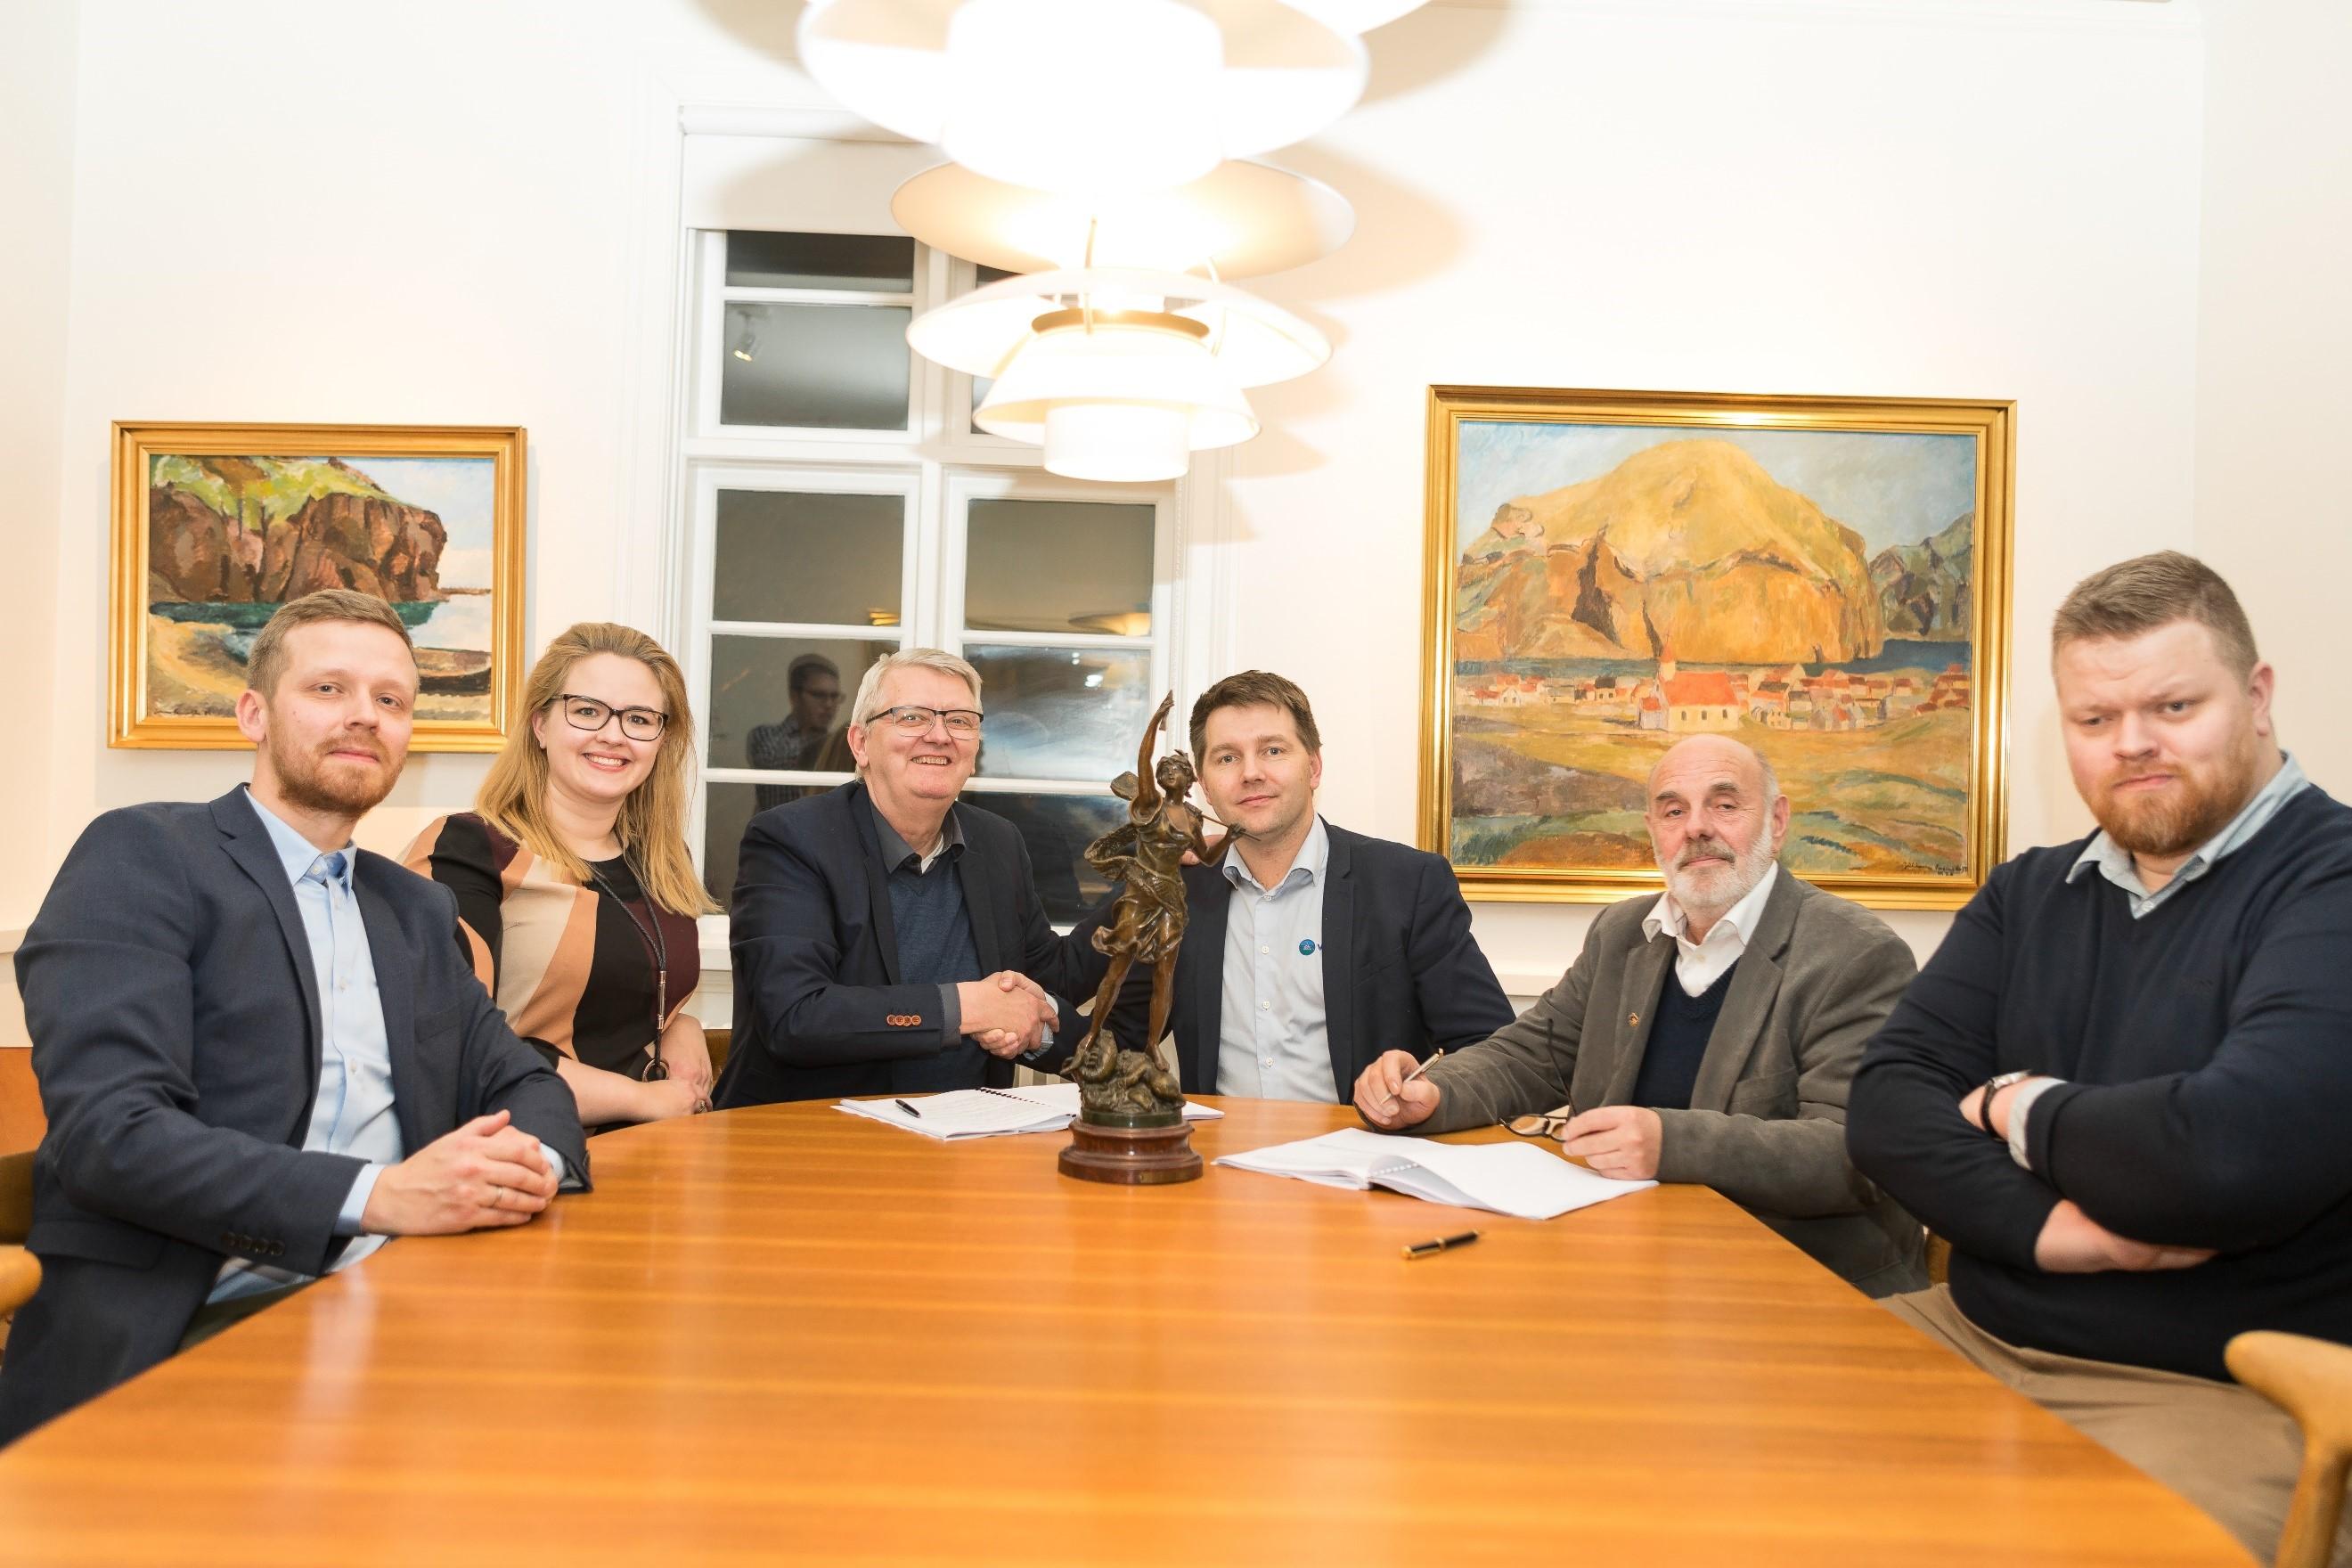 Skaginn 3X chosen as provider for new Vardin Pelagic plant